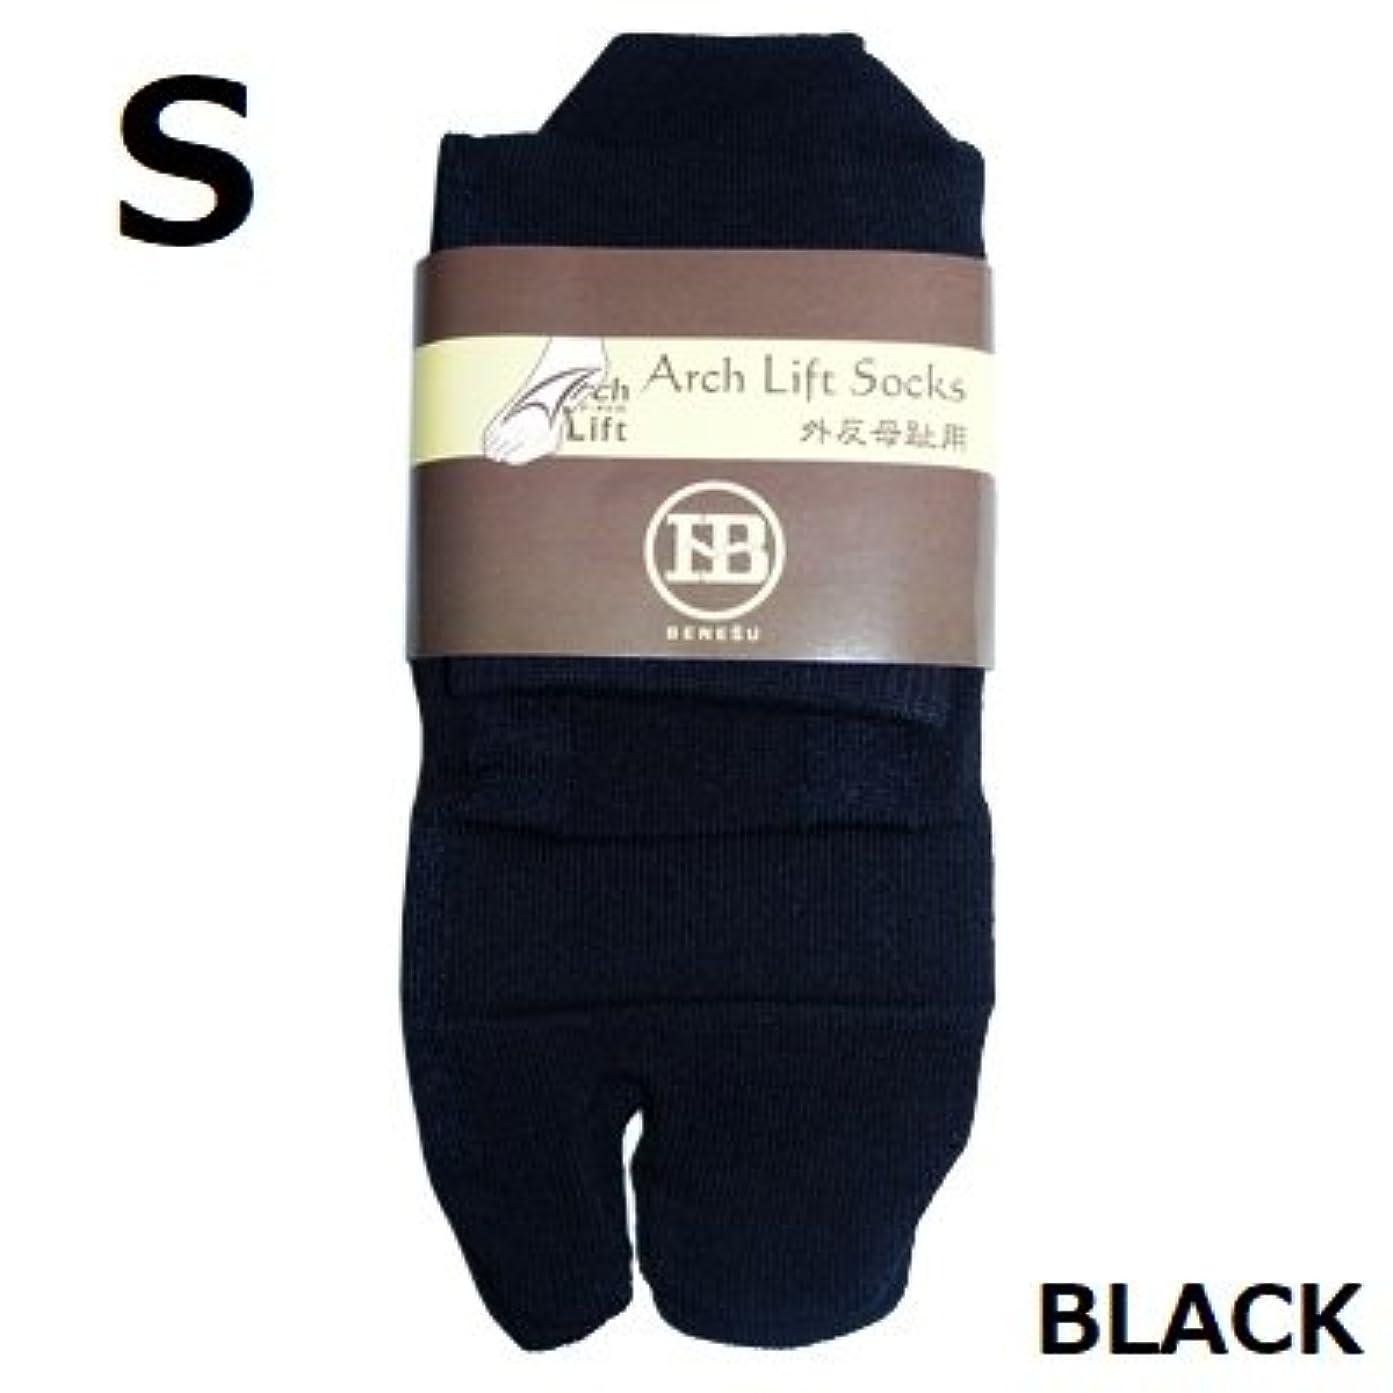 商品リーフレットセブンアーチライフソックス 外反母趾 テーピング加工靴下 サポーター(カラー:黒色)(サイズ:S)